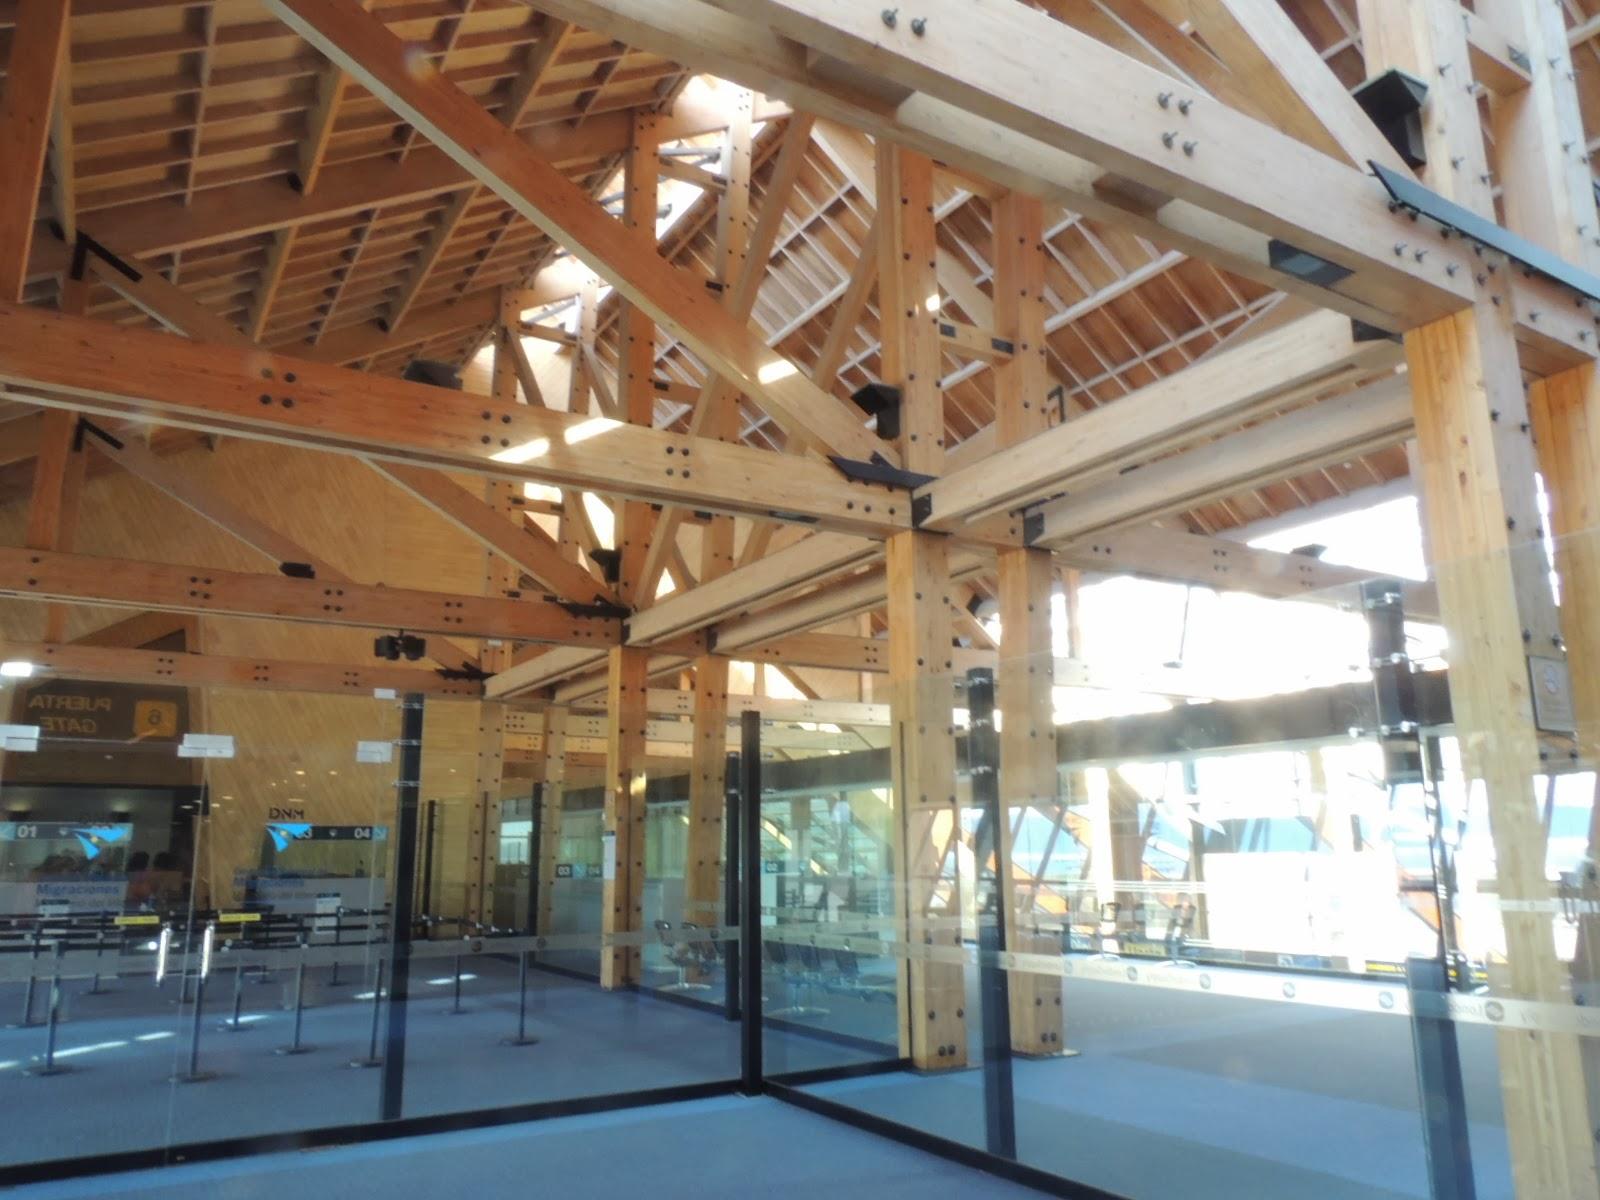 Aeroporto Ushuaia : Ushuaia o dia